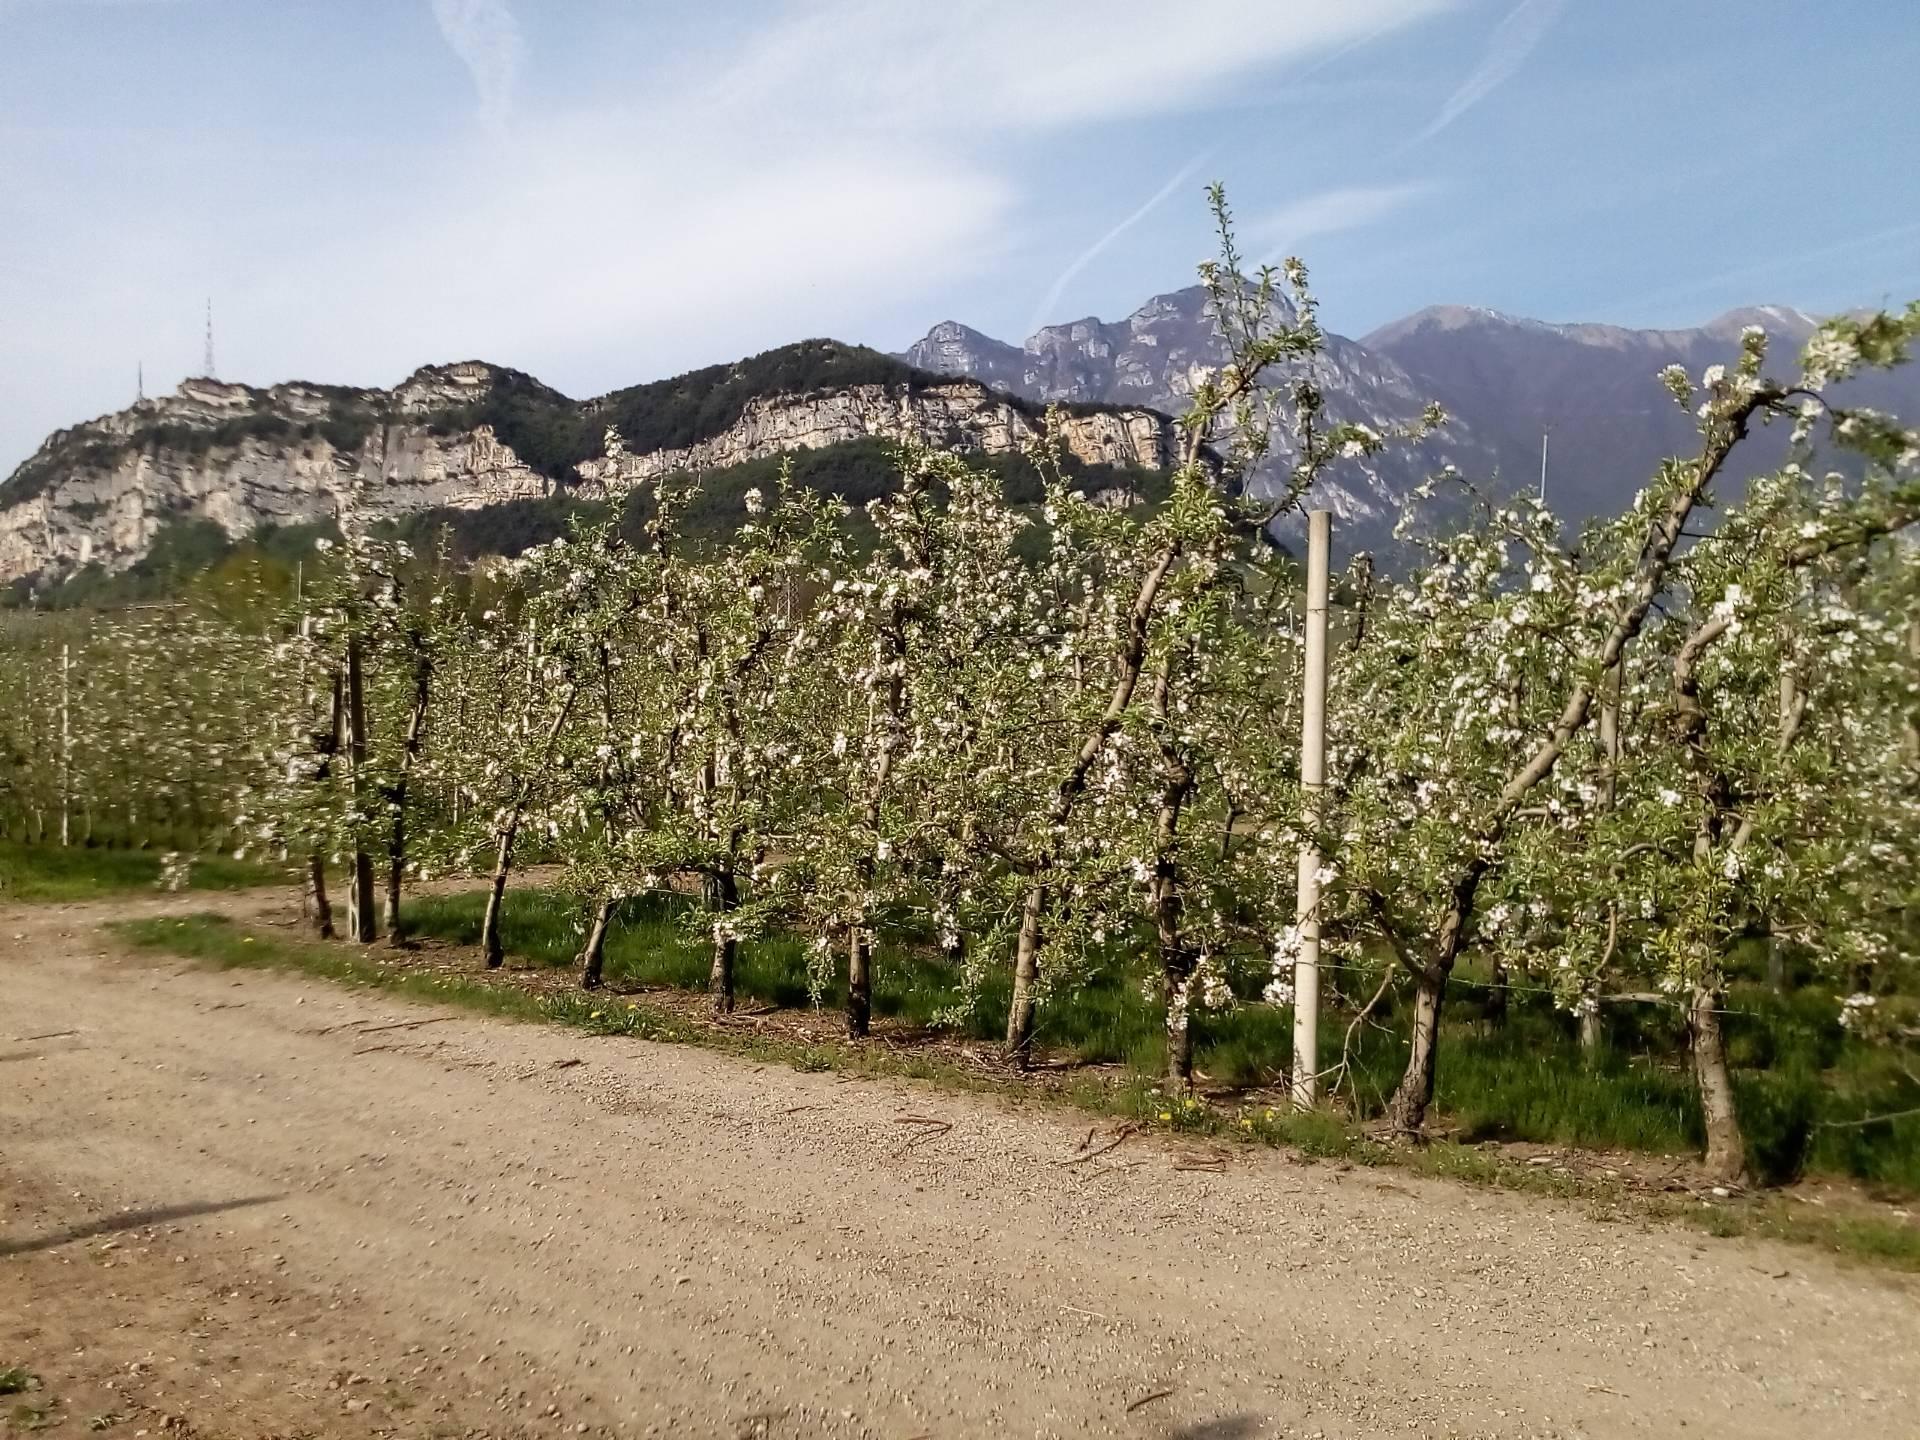 Terreno Agricolo in vendita a Arco, 9999 locali, prezzo € 160.000 | CambioCasa.it